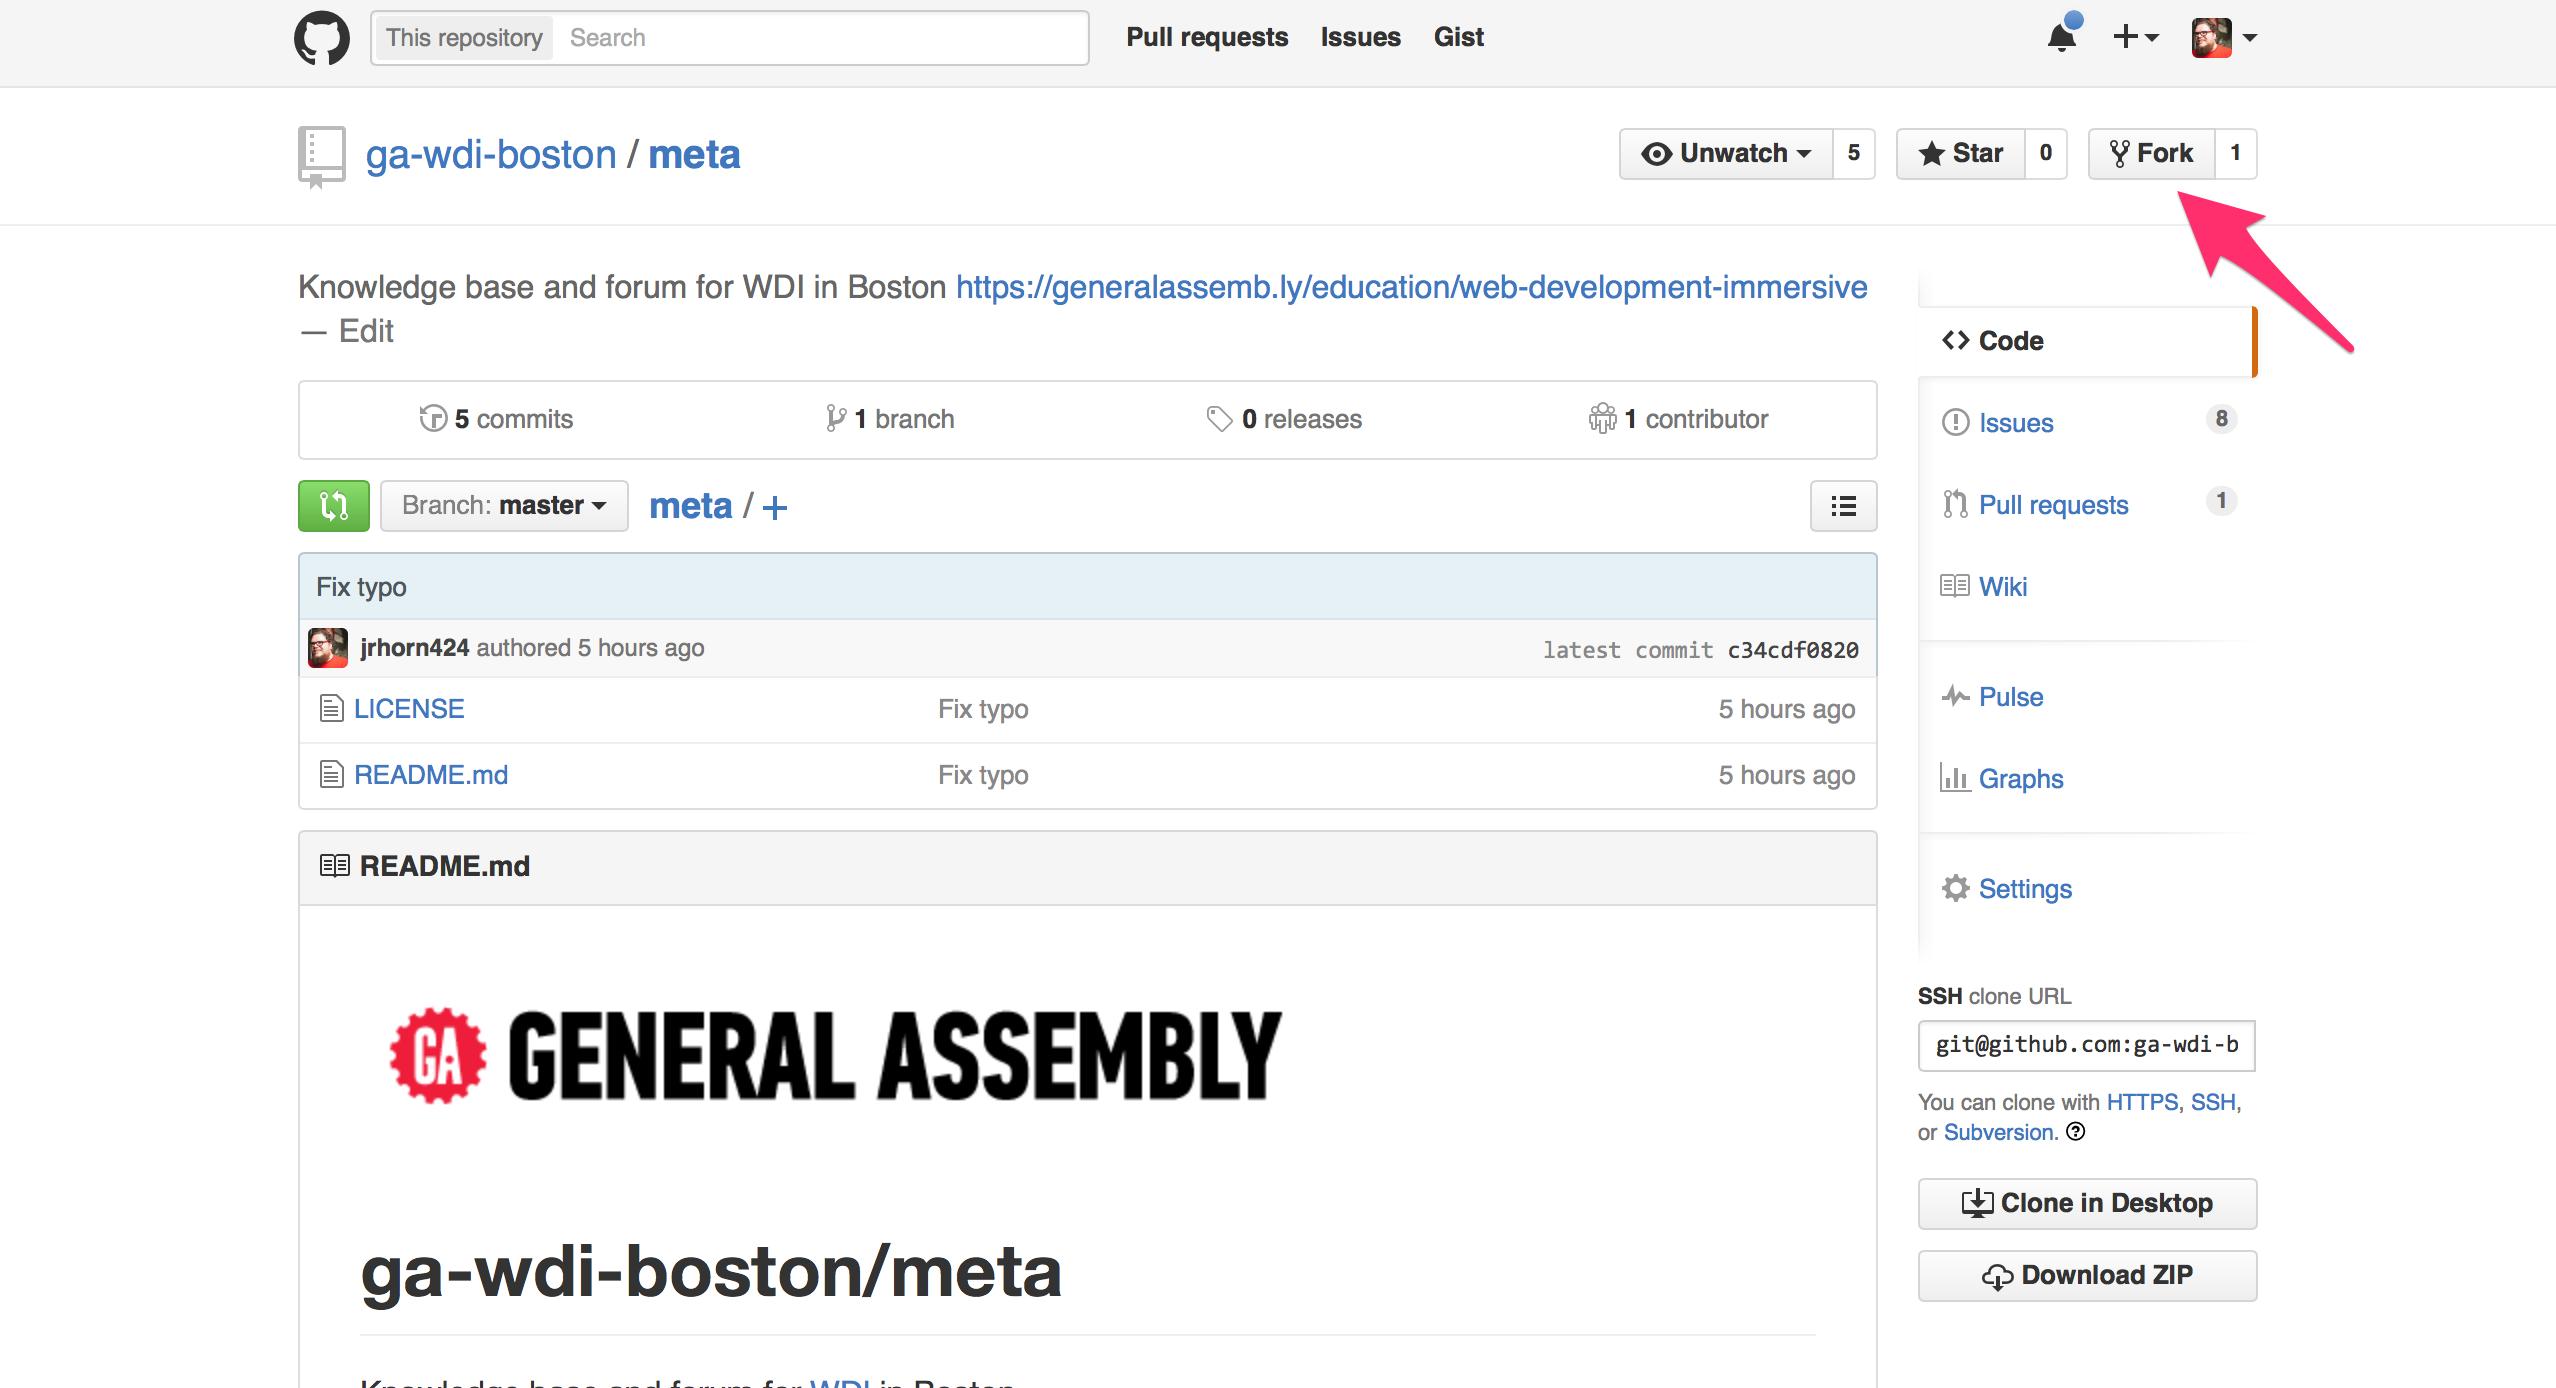 ga-wdi-boston_meta